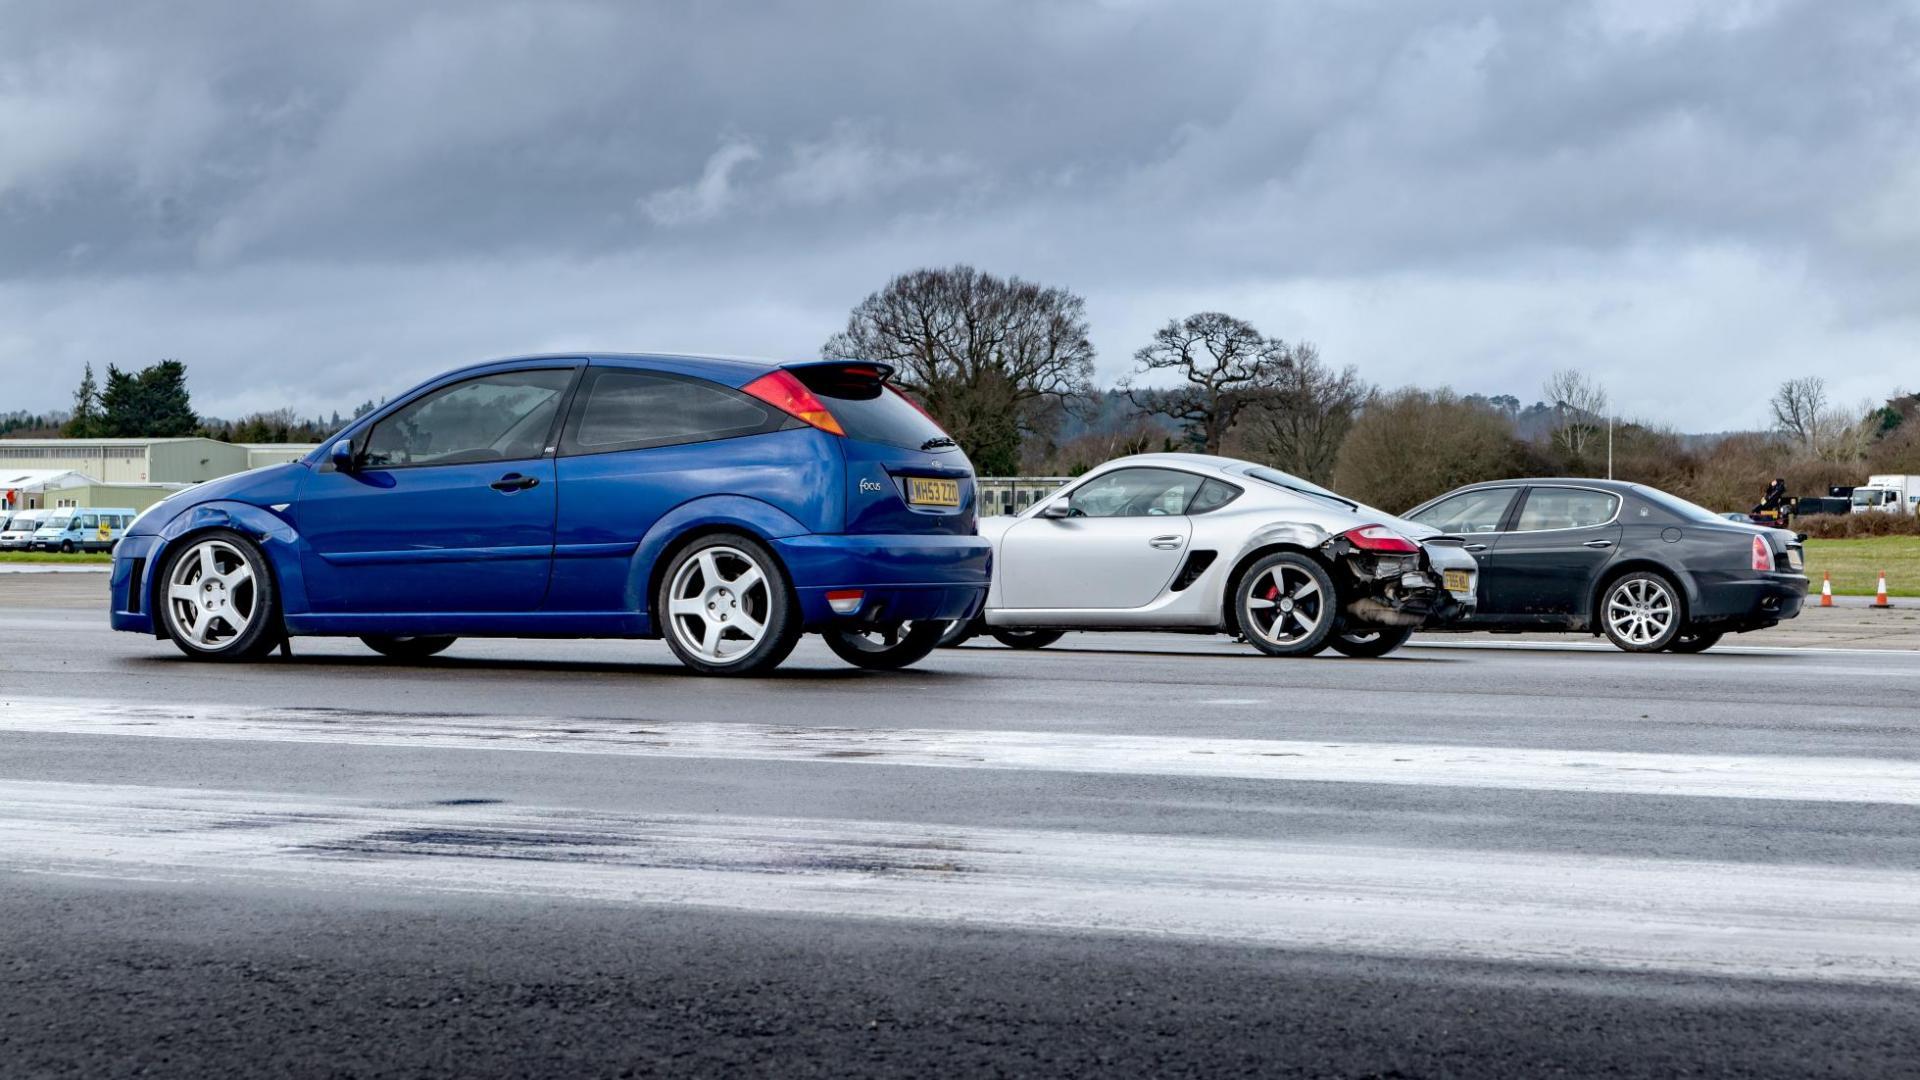 Ford Focus ST MK1, Porsche Cayman, Maserati Quattroporte met schade